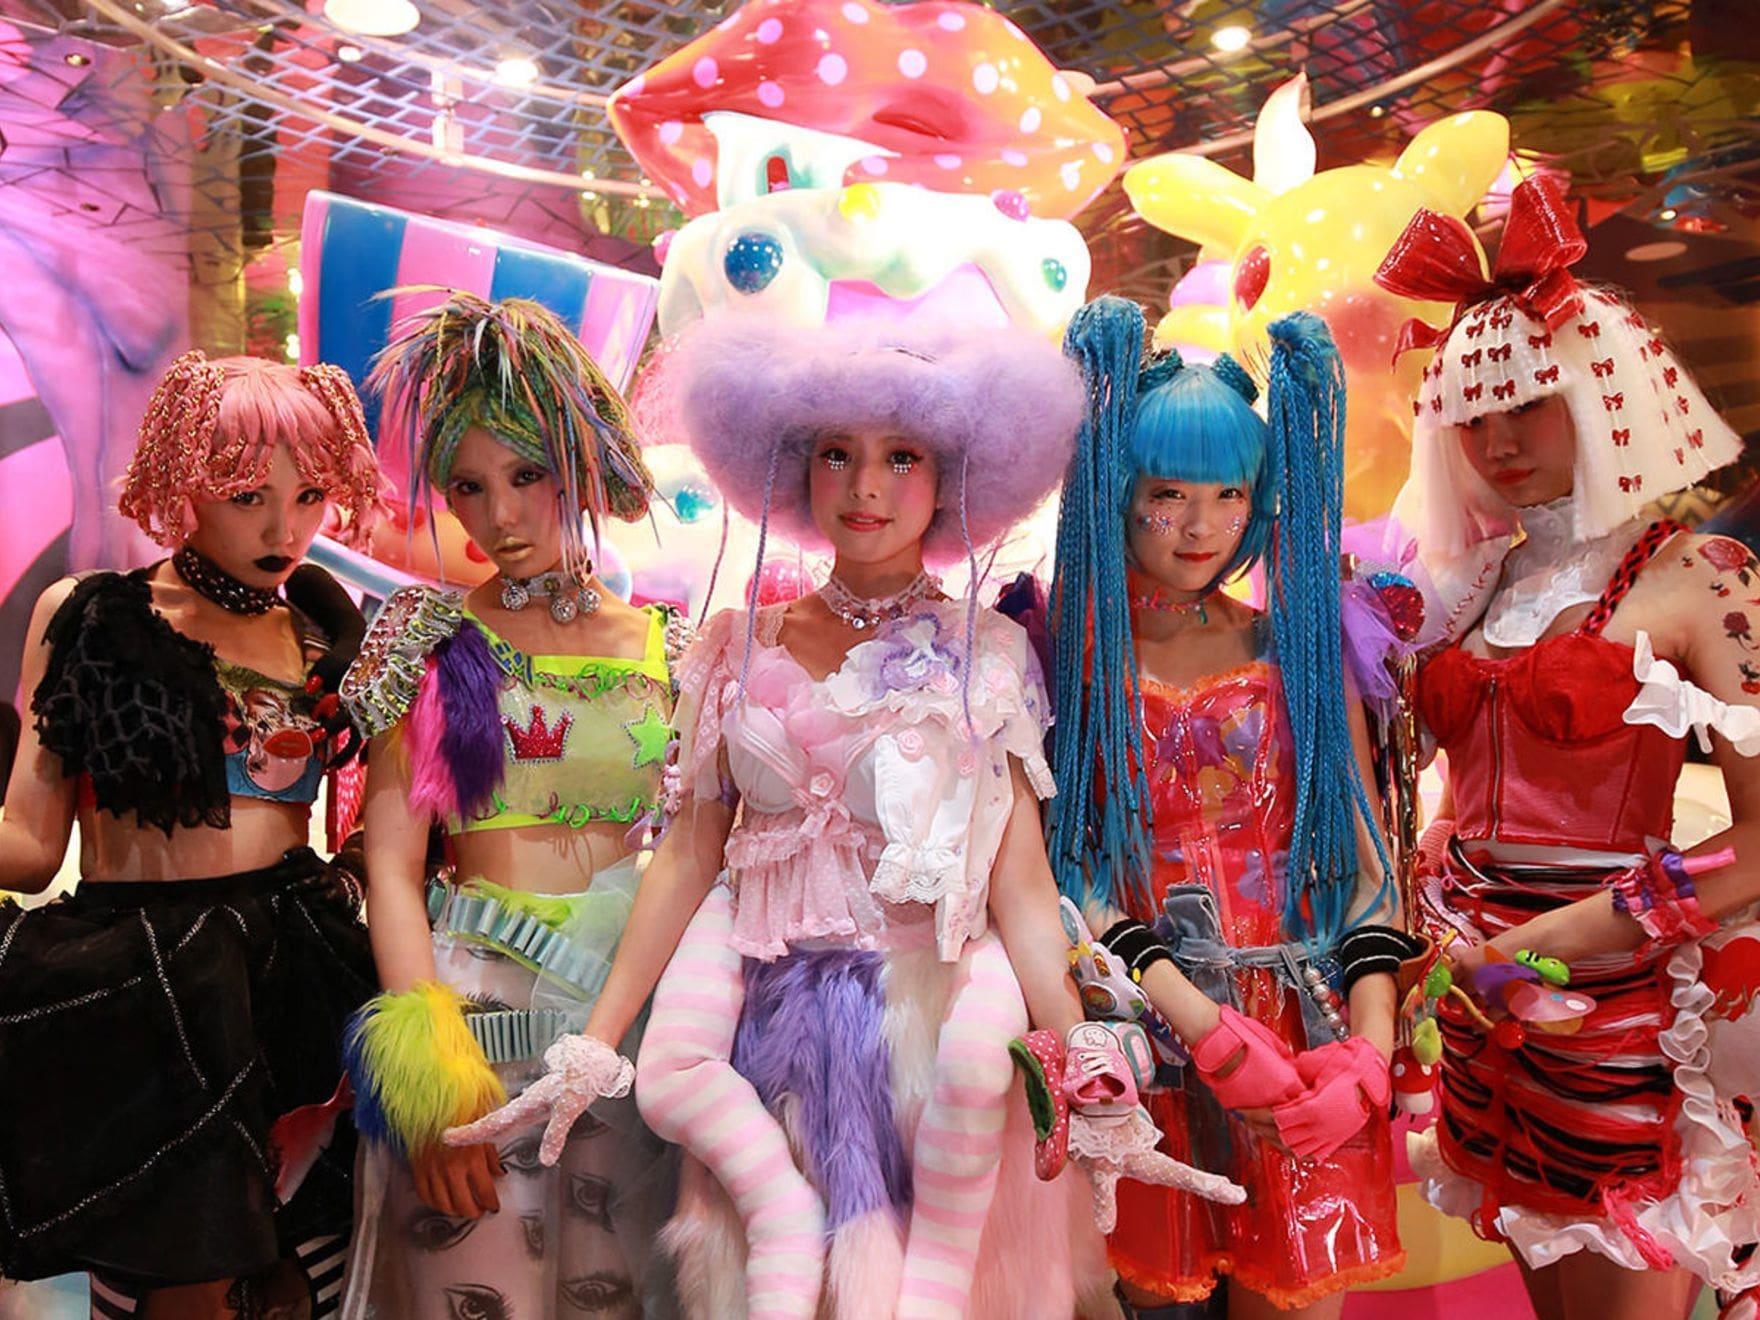 Kawaii fashion at Kawaii Monster Cafe in Harajuku